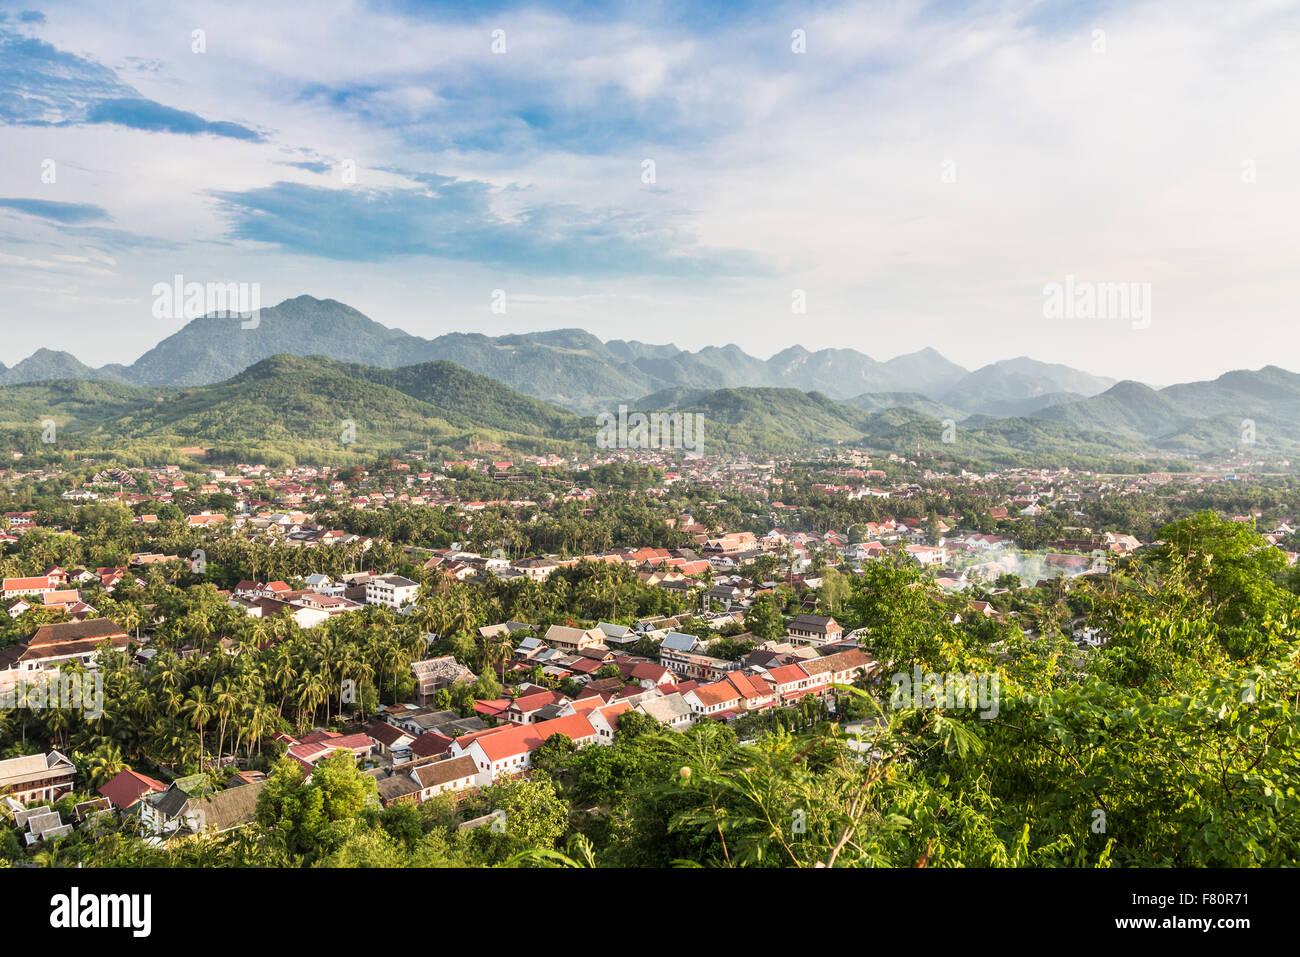 Una vista aérea de Luang Prabang, en Laos. La ciudad se extiende a lo largo del río Mekong y es uno de Imagen De Stock